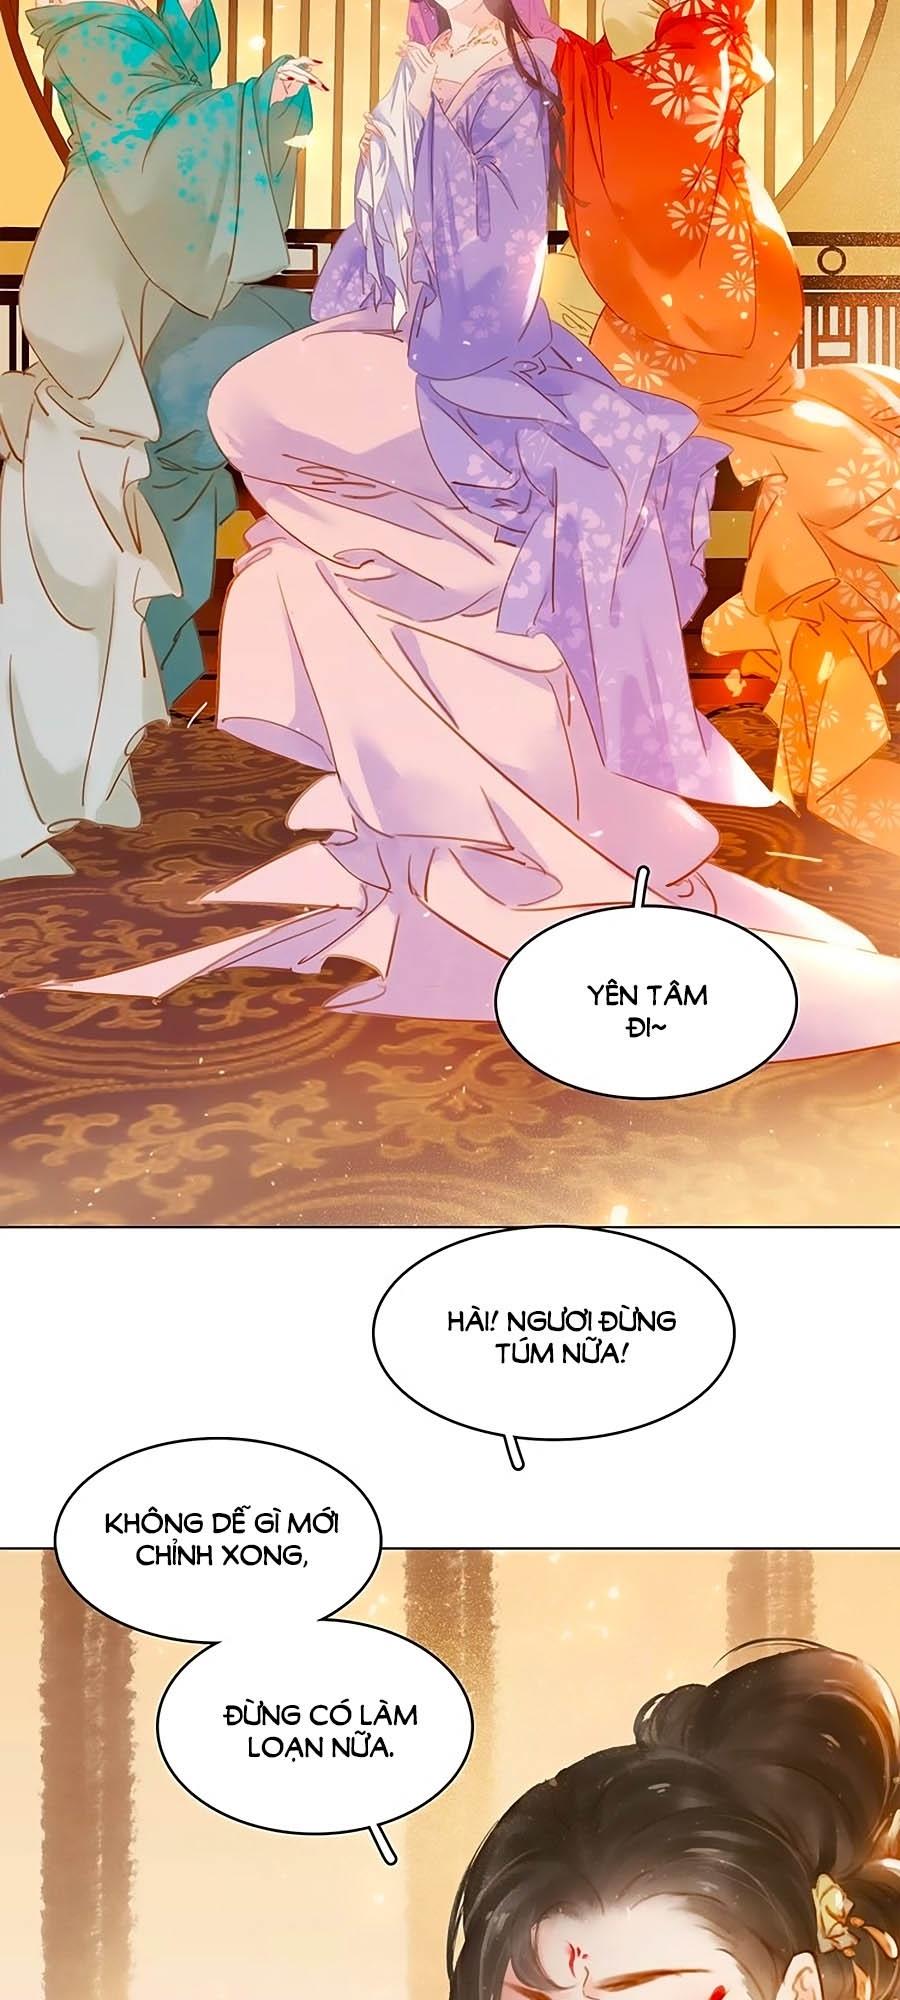 Tiểu sư phụ, tóc giả của ngài rơi rồi! chap 12 - Trang 11